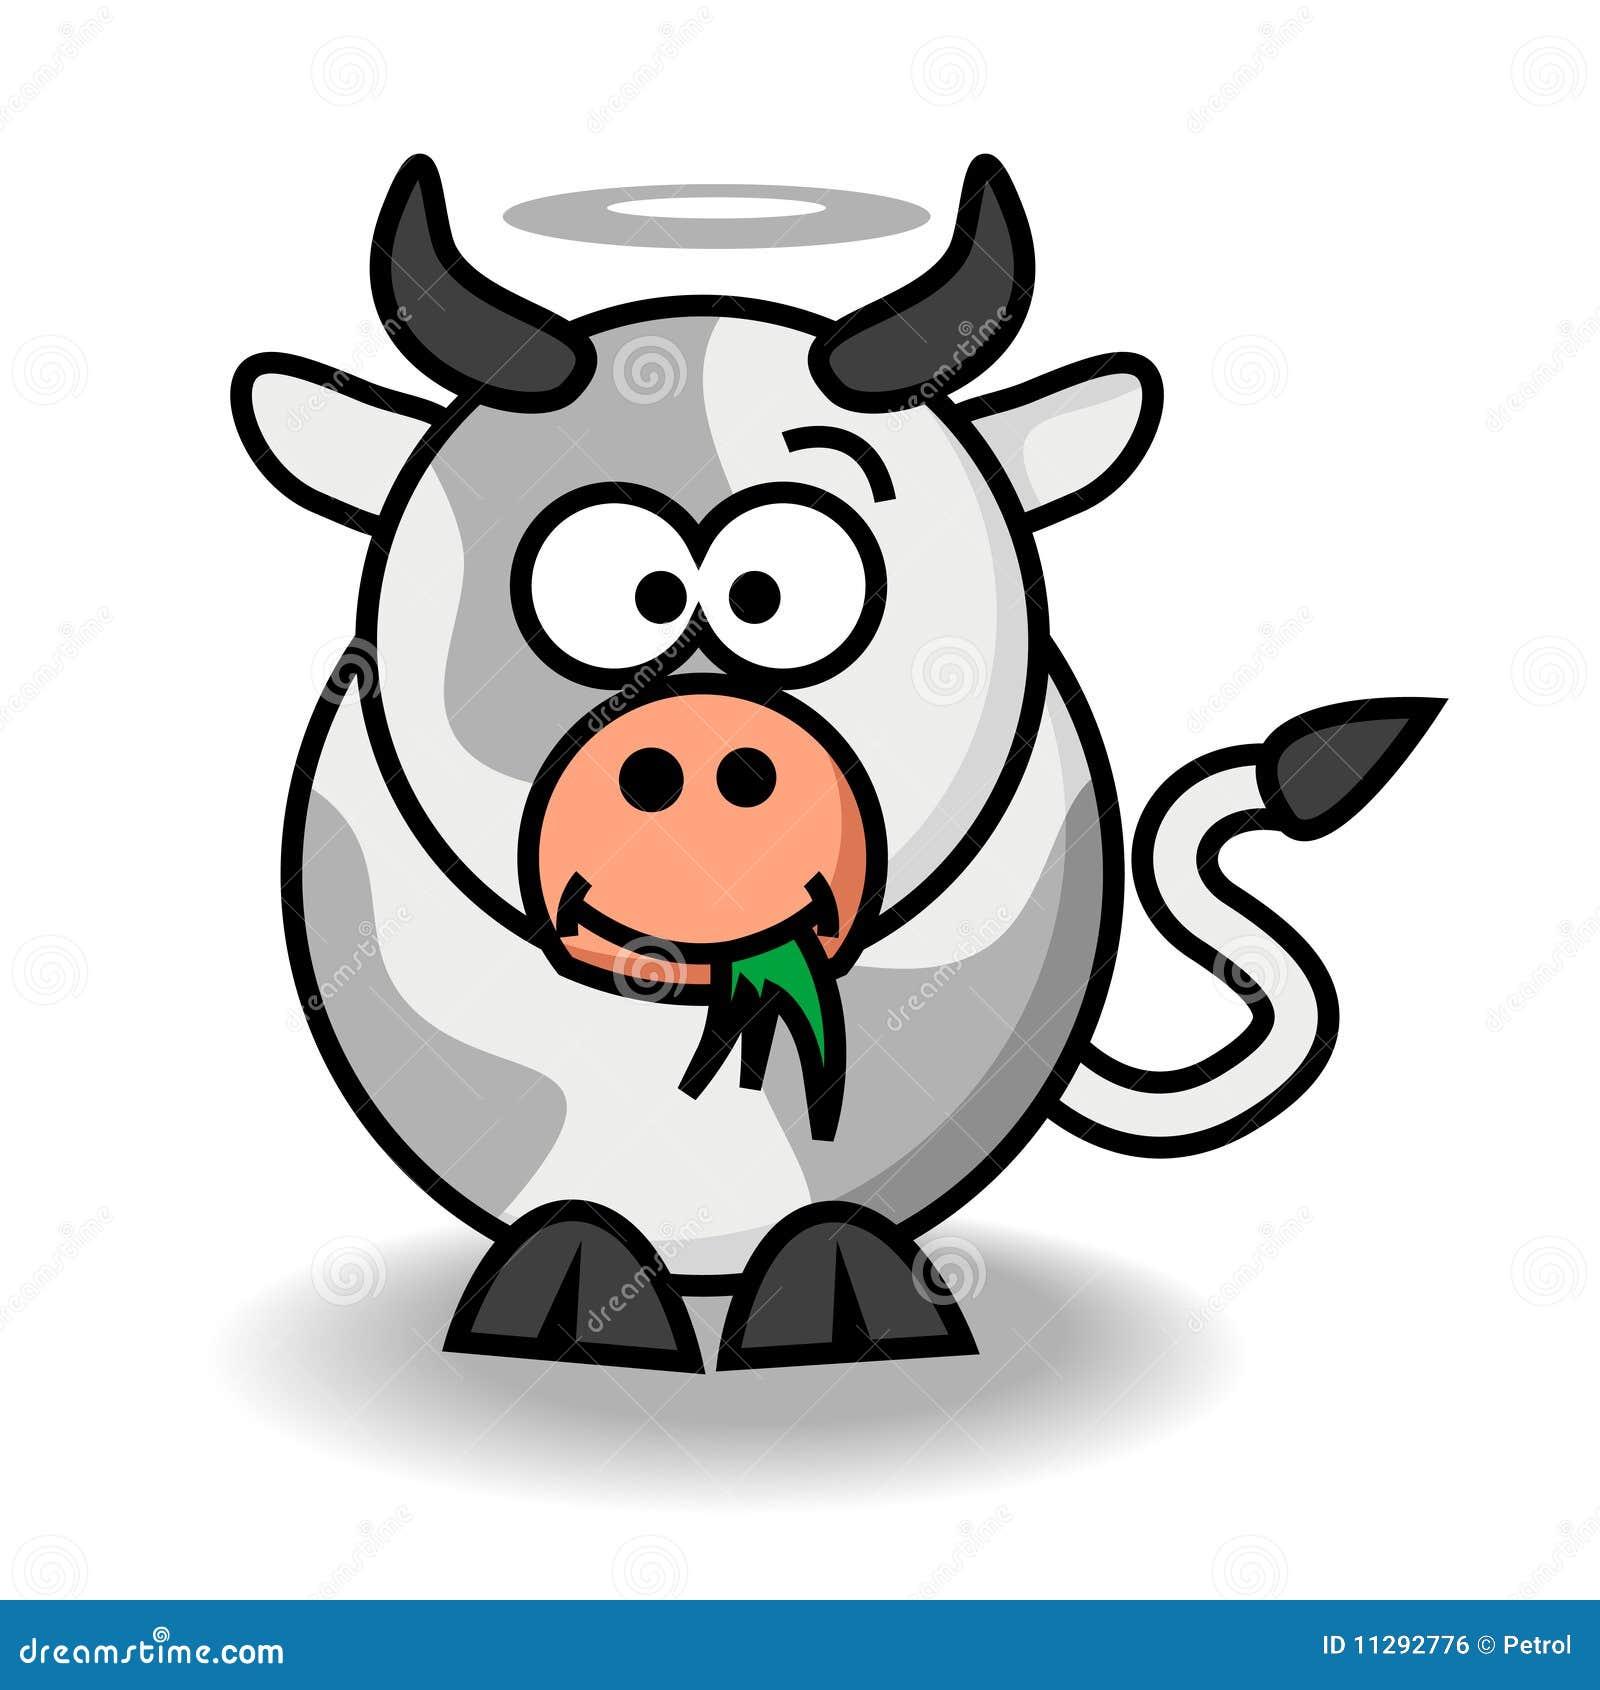 Magazine word background stock photography image 12291482 - Magazine Clipping Background Holy Cow Royalty Free Stock Image